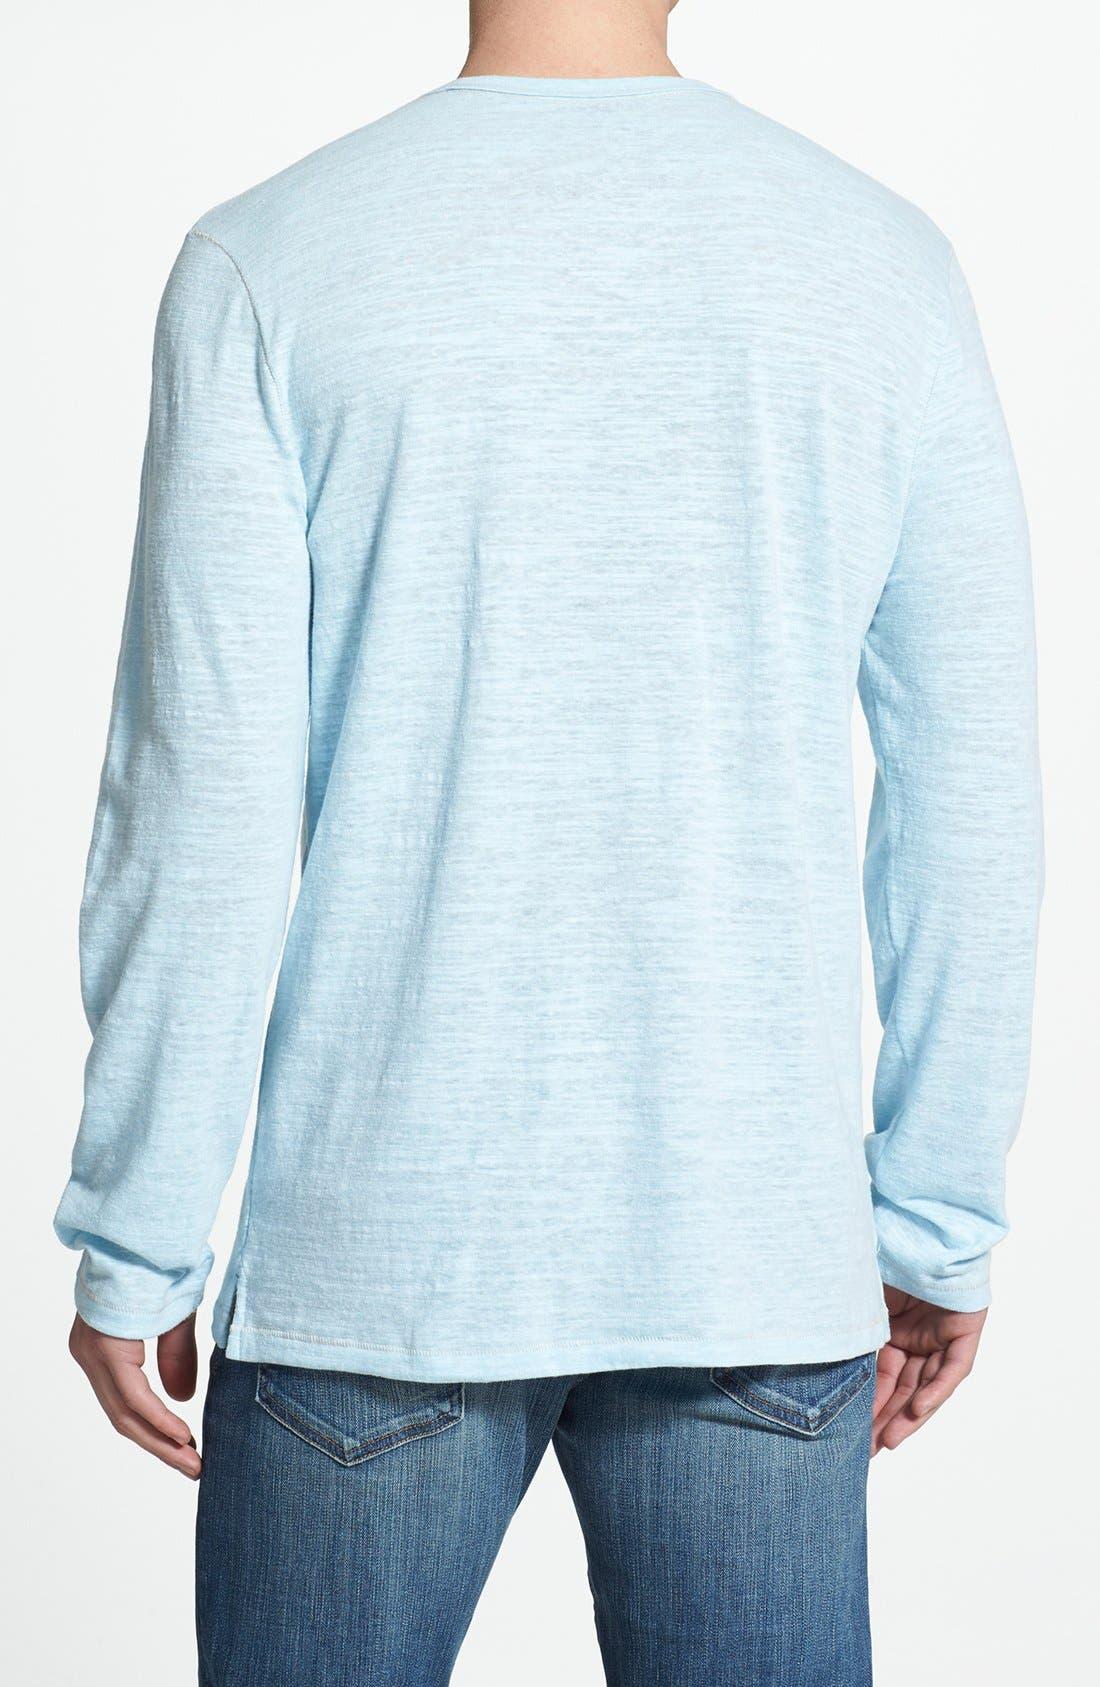 Alternate Image 2  - Tommy Bahama 'Sunday Best' Long Sleeve Heathered T-Shirt